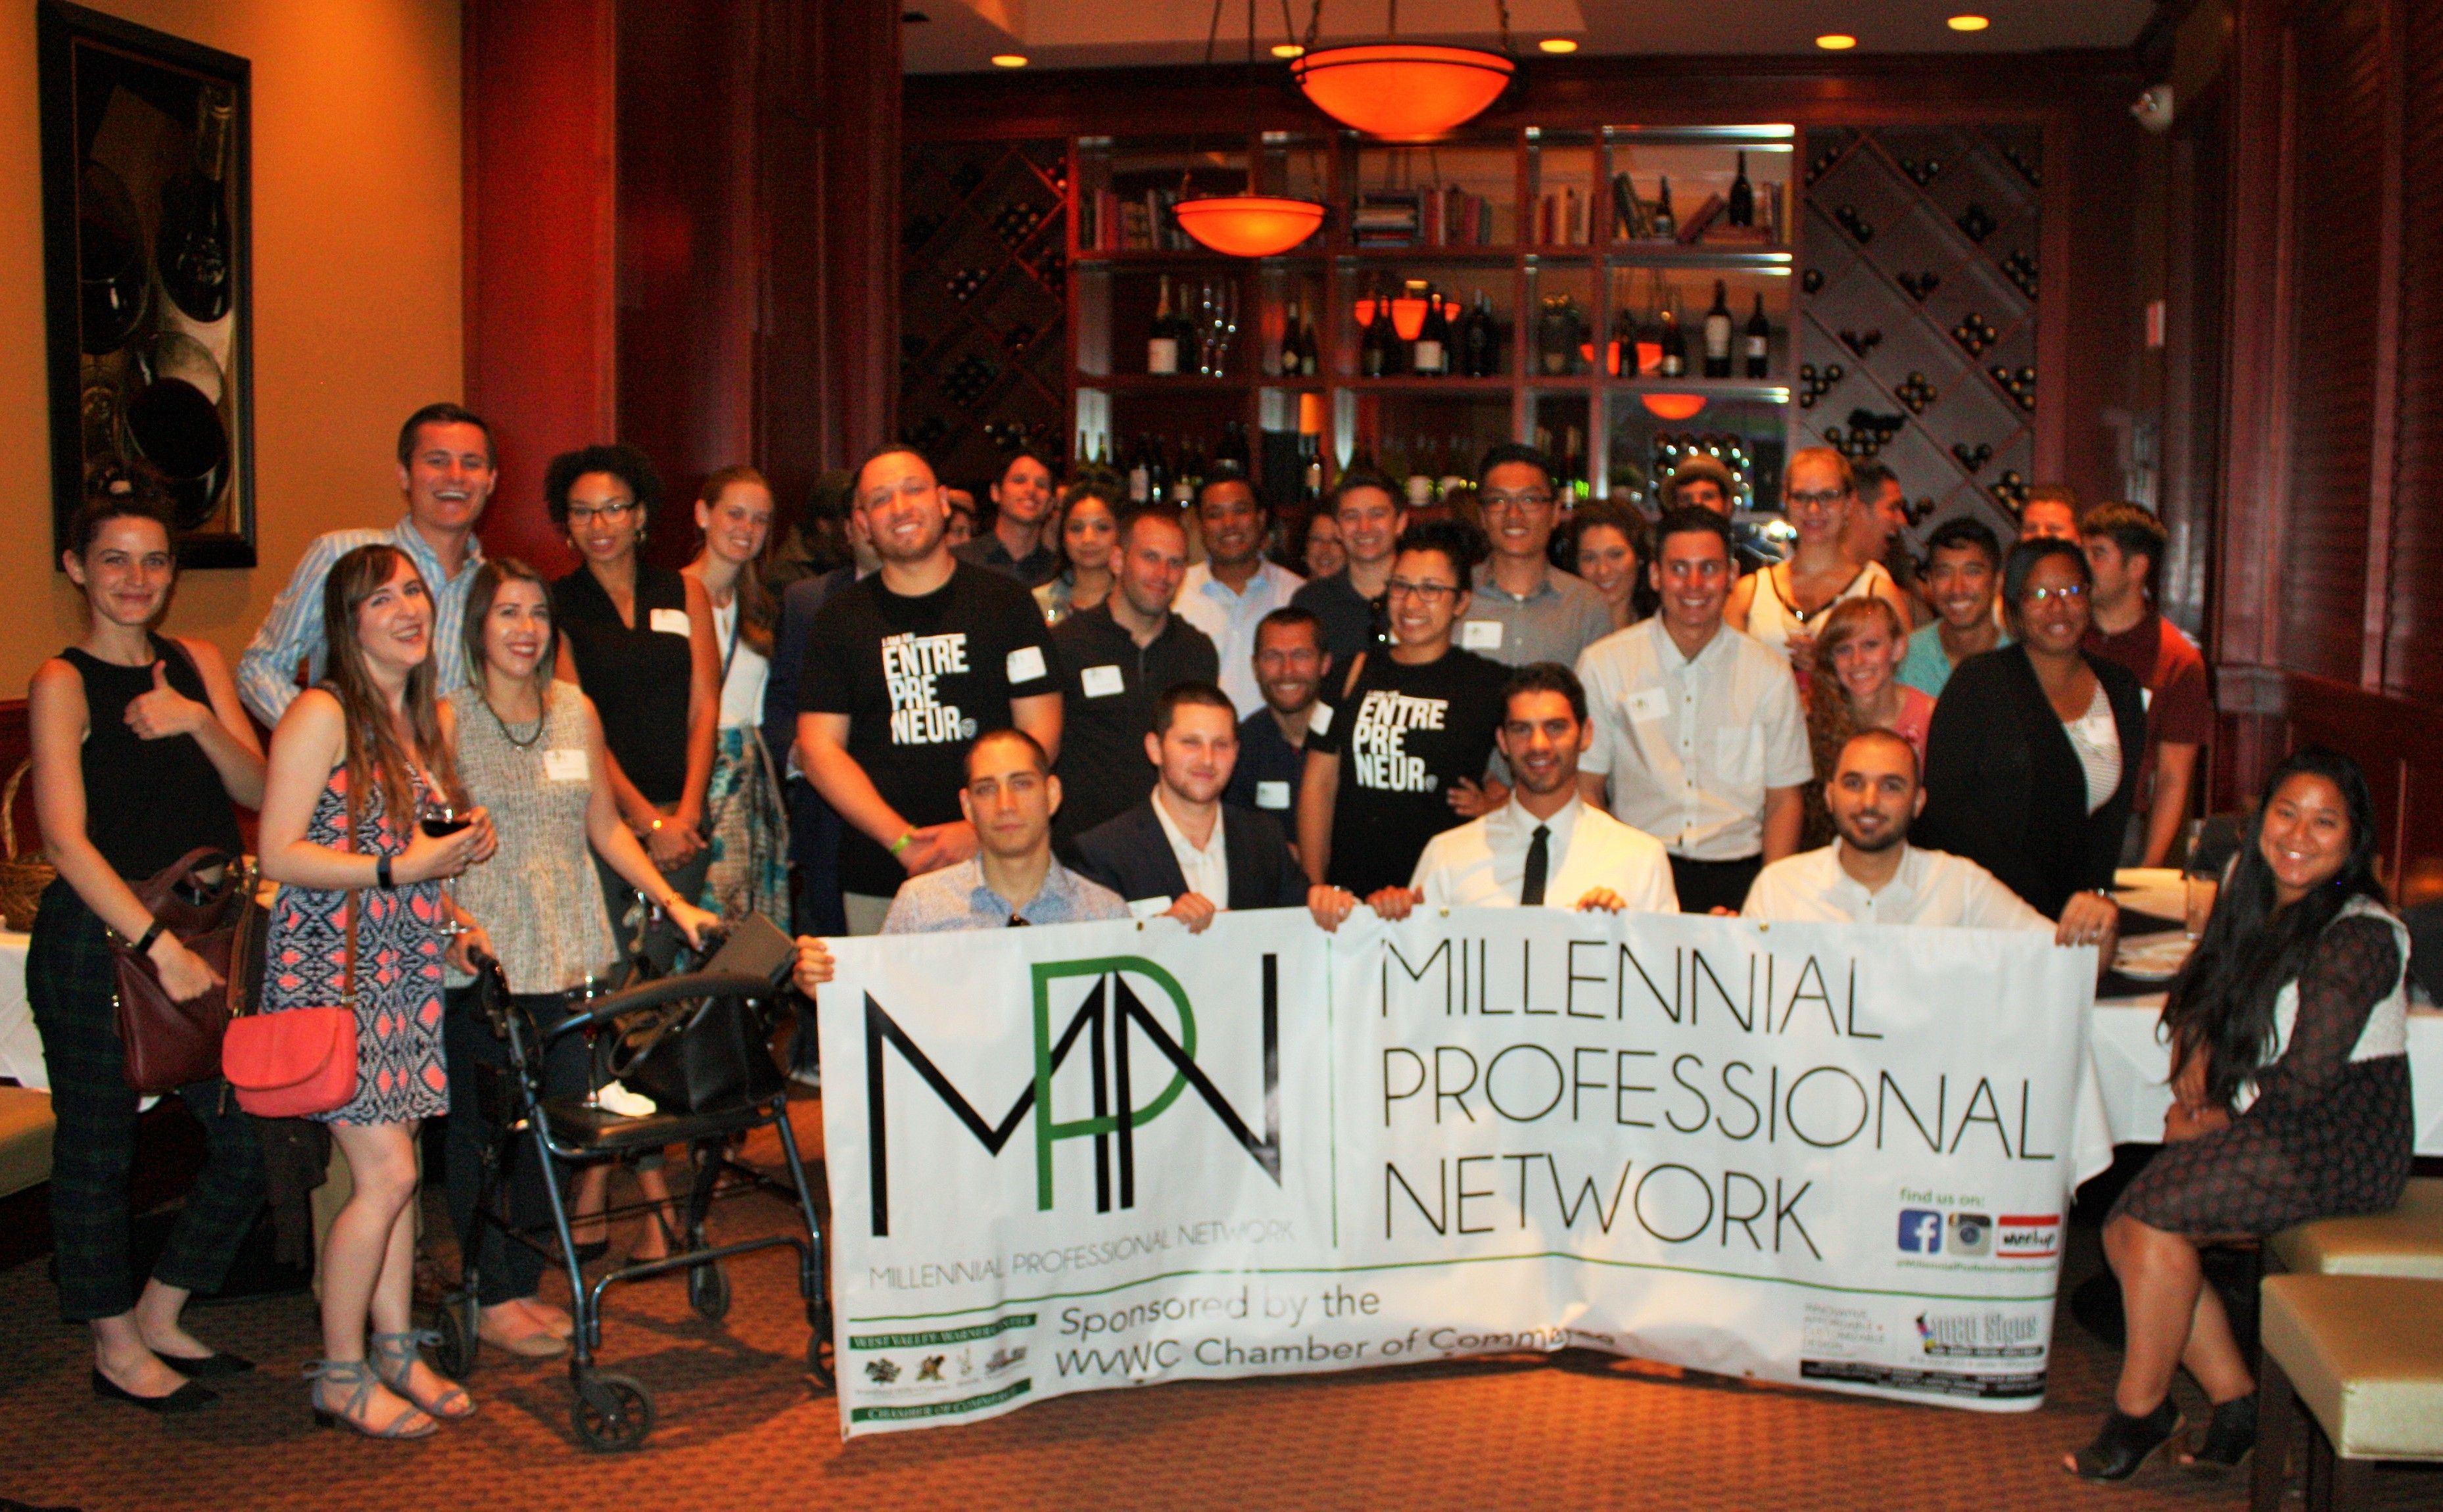 Millennial Professional Network